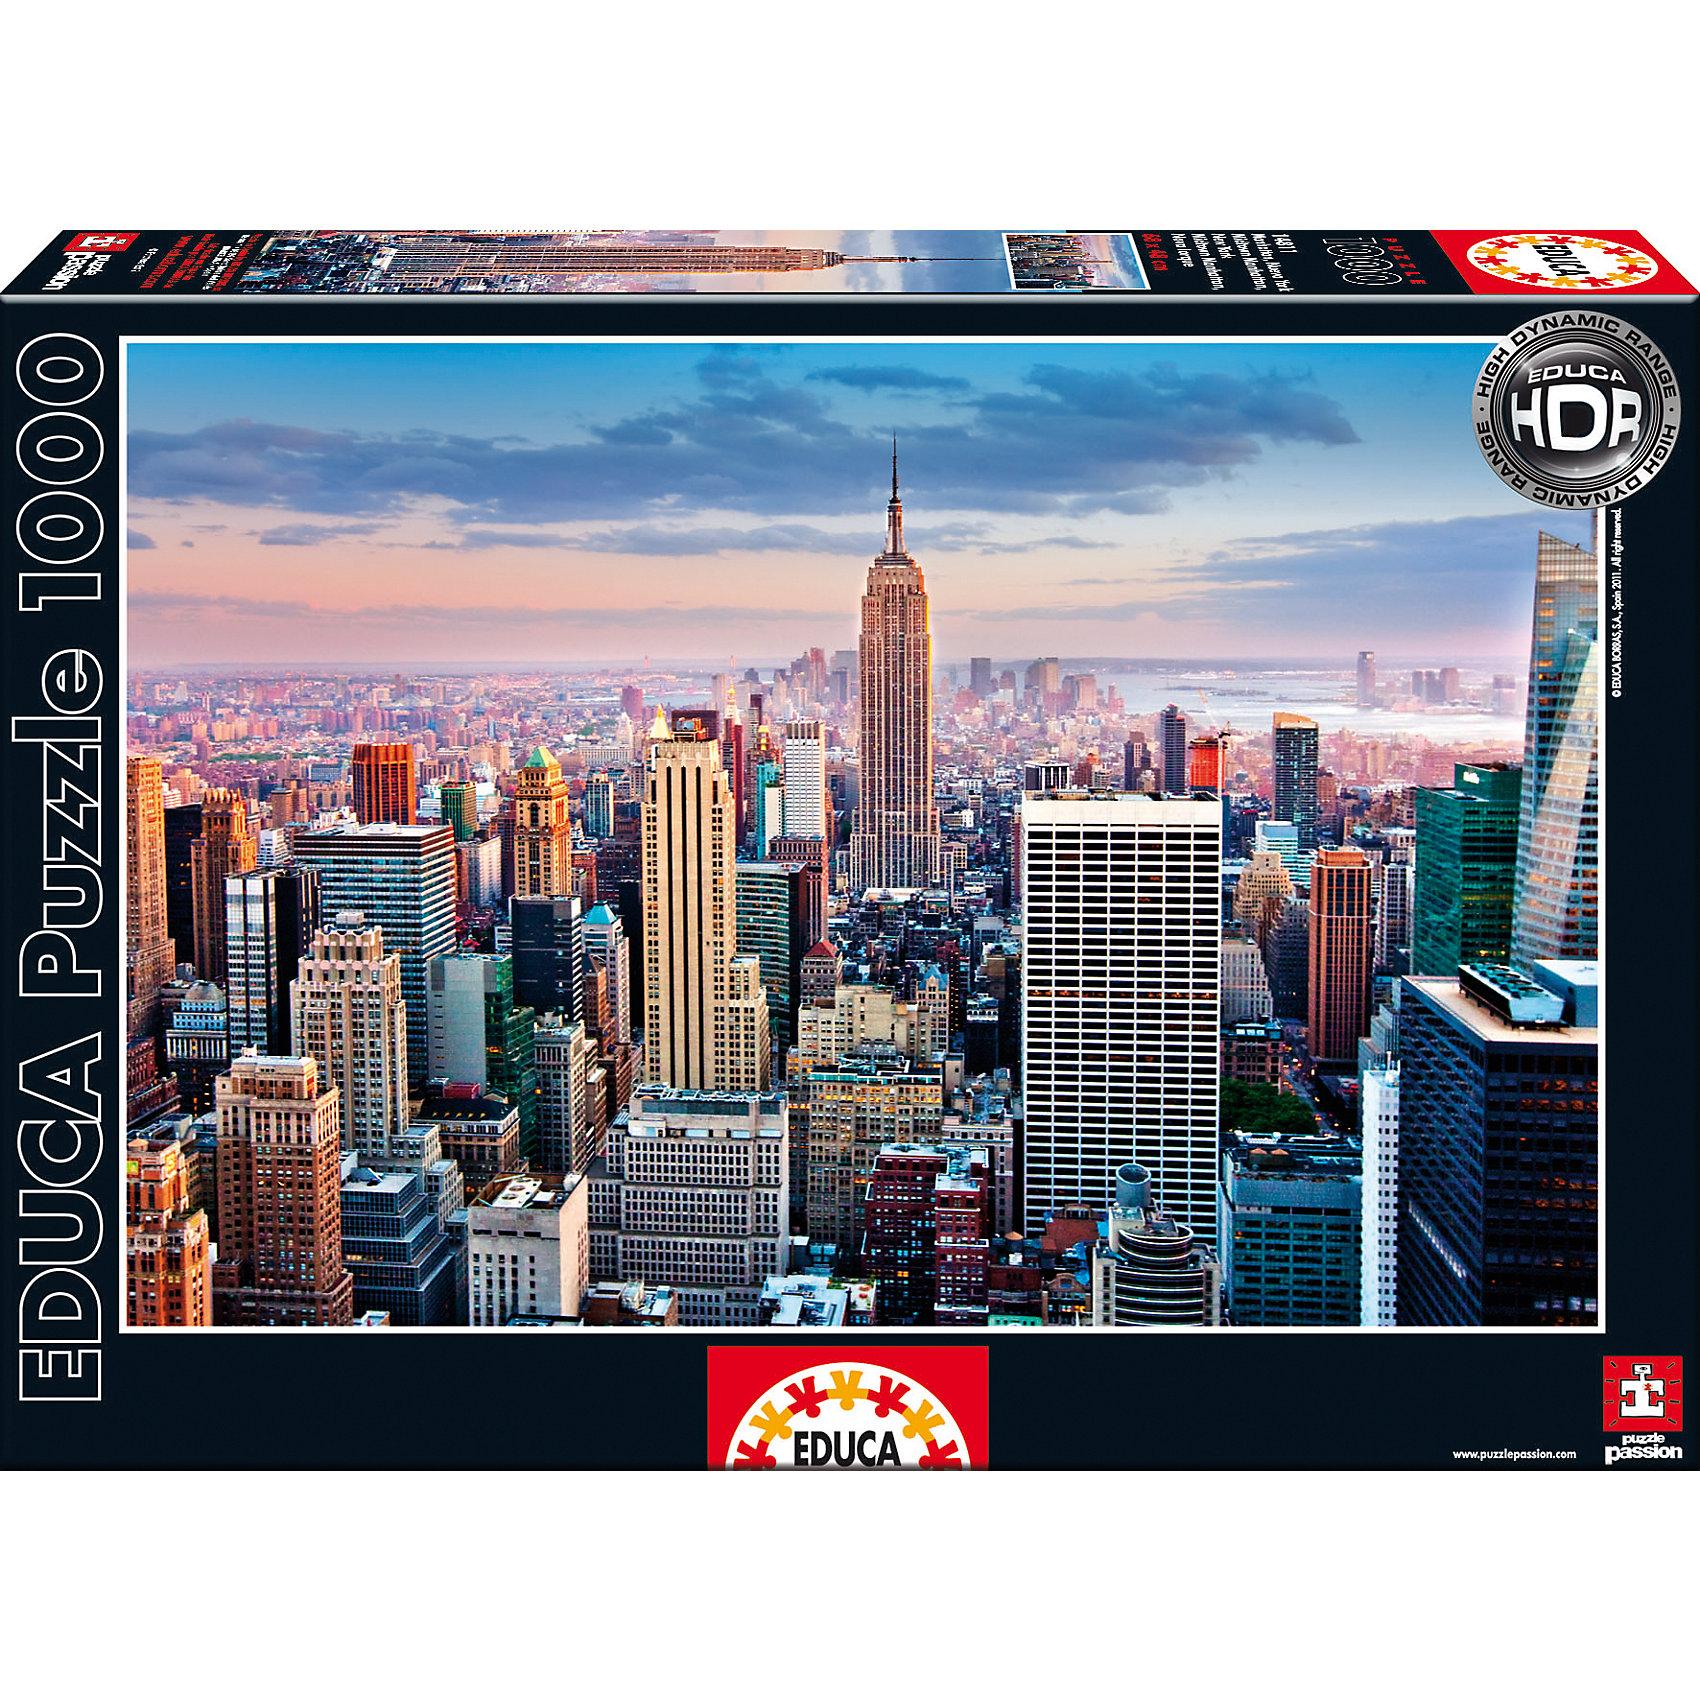 Пазл Манхеттен, Нью-Йорк, 1000 деталей, EducaКлассические пазлы<br>Пазл Манхеттен, Нью-Йорк, 1000 деталей, Educa (Эдука).<br><br>Характеристики:<br><br>• Размер упаковки: 370х270х55 мм.<br>• Вес: 768г.<br>• Тип : пазл-мозаика.<br>• Возраст: с 11лет.<br>• 1000 деталей.<br>• Размер собранной картинки: 48 х 68 см.<br>• ISBN: 8412668148116<br>• Материал: картон.<br><br>Пазл Манхеттен, Нью-Йорк, 1000 деталей, Educa(Эдука) это великолепный подарок, как для ребенка, так и для взрослого. Большой увлекательный пазл объединит всю семью за интересным занятием, отвлечет от повседневных дел, обучит терпению и внимательности. Пазлы Educa(Эдука)– это не только яркие, интересные изображения, но и высочайшее качество продукции. <br><br>Каждый пазл фирмы Educa (Эдука)изготовлен и упакован с большой тщательностью. Особенности пазлов Educa (Эдука)отсутствие двух одинаковых деталей; части пазла идеально соединяются; прочные детали не ломаются; изготовлены из экологического сырья.<br><br>Пазл Манхеттен, Нью-Йорк, 1000 деталей, Educa(Эдука), можно купить в нашем интернет – магазине.<br><br>Ширина мм: 270<br>Глубина мм: 370<br>Высота мм: 55<br>Вес г: 768<br>Возраст от месяцев: 36<br>Возраст до месяцев: 2147483647<br>Пол: Унисекс<br>Возраст: Детский<br>SKU: 5436303